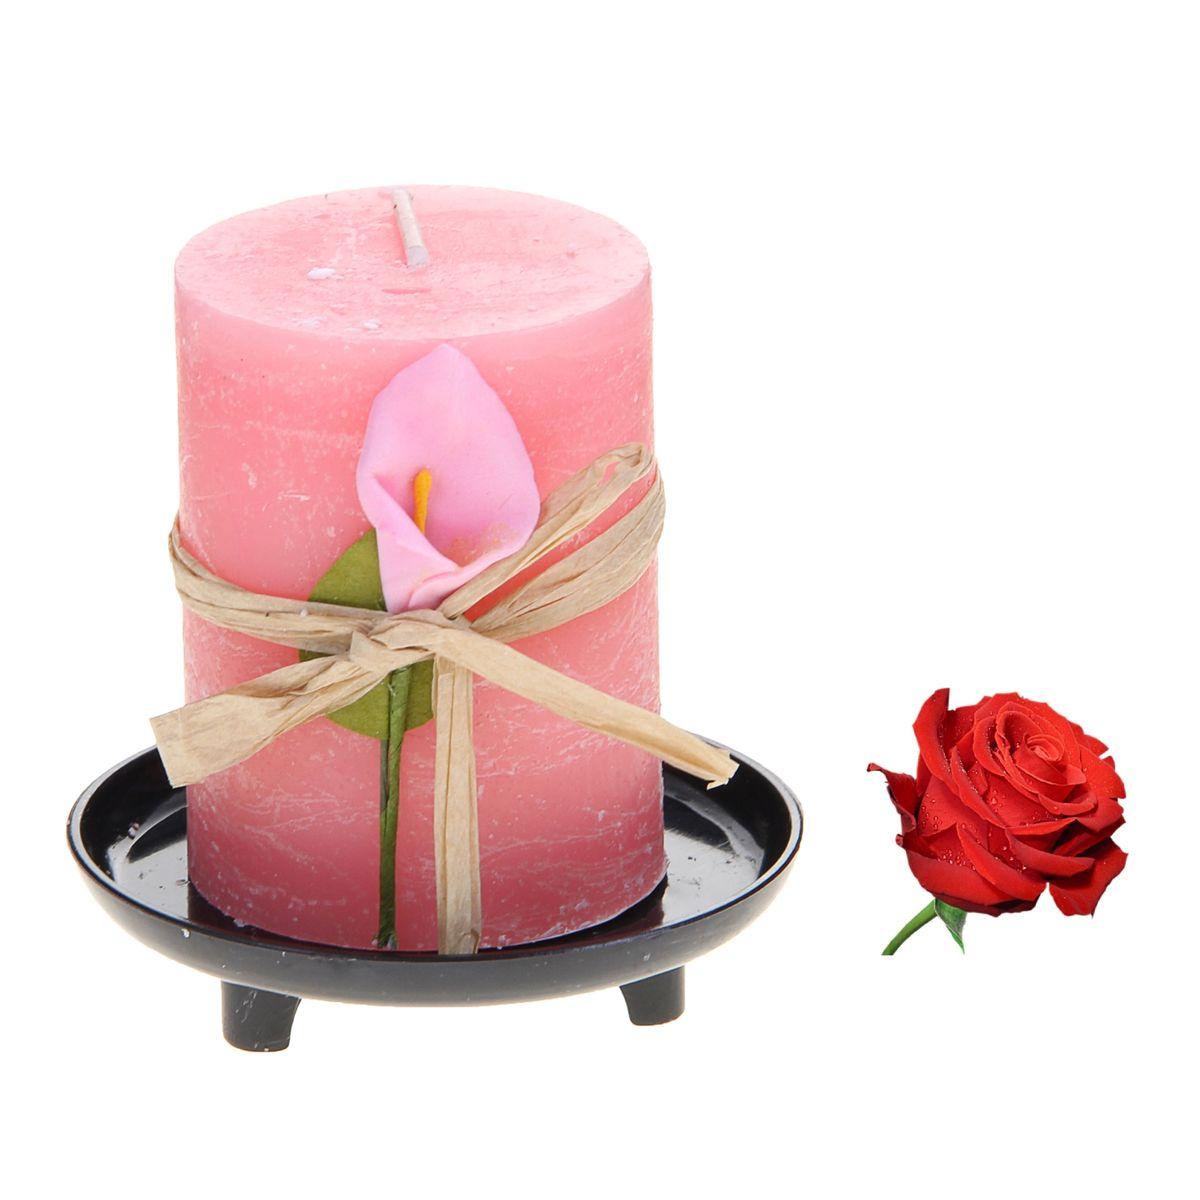 Свеча ароматизированная Sima-land Роза, на подставке, высота 6 см907698Свеча Sima-land Роза выполнена из воска в виде столбика. Свеча порадует ярким дизайном и насыщенным ароматом розы, который понравится как женщинам, так и мужчинам. Изделие размещено на оригинальной пластиковой подставке.Создайте для себя и своих близких незабываемую атмосферу праздника в доме. Ароматическая свеча Sima-land Роза раскрасит серые будни яркими красками.Высота свечи (без учета подставки): 6 см. Высота подставки: 1,5 см.